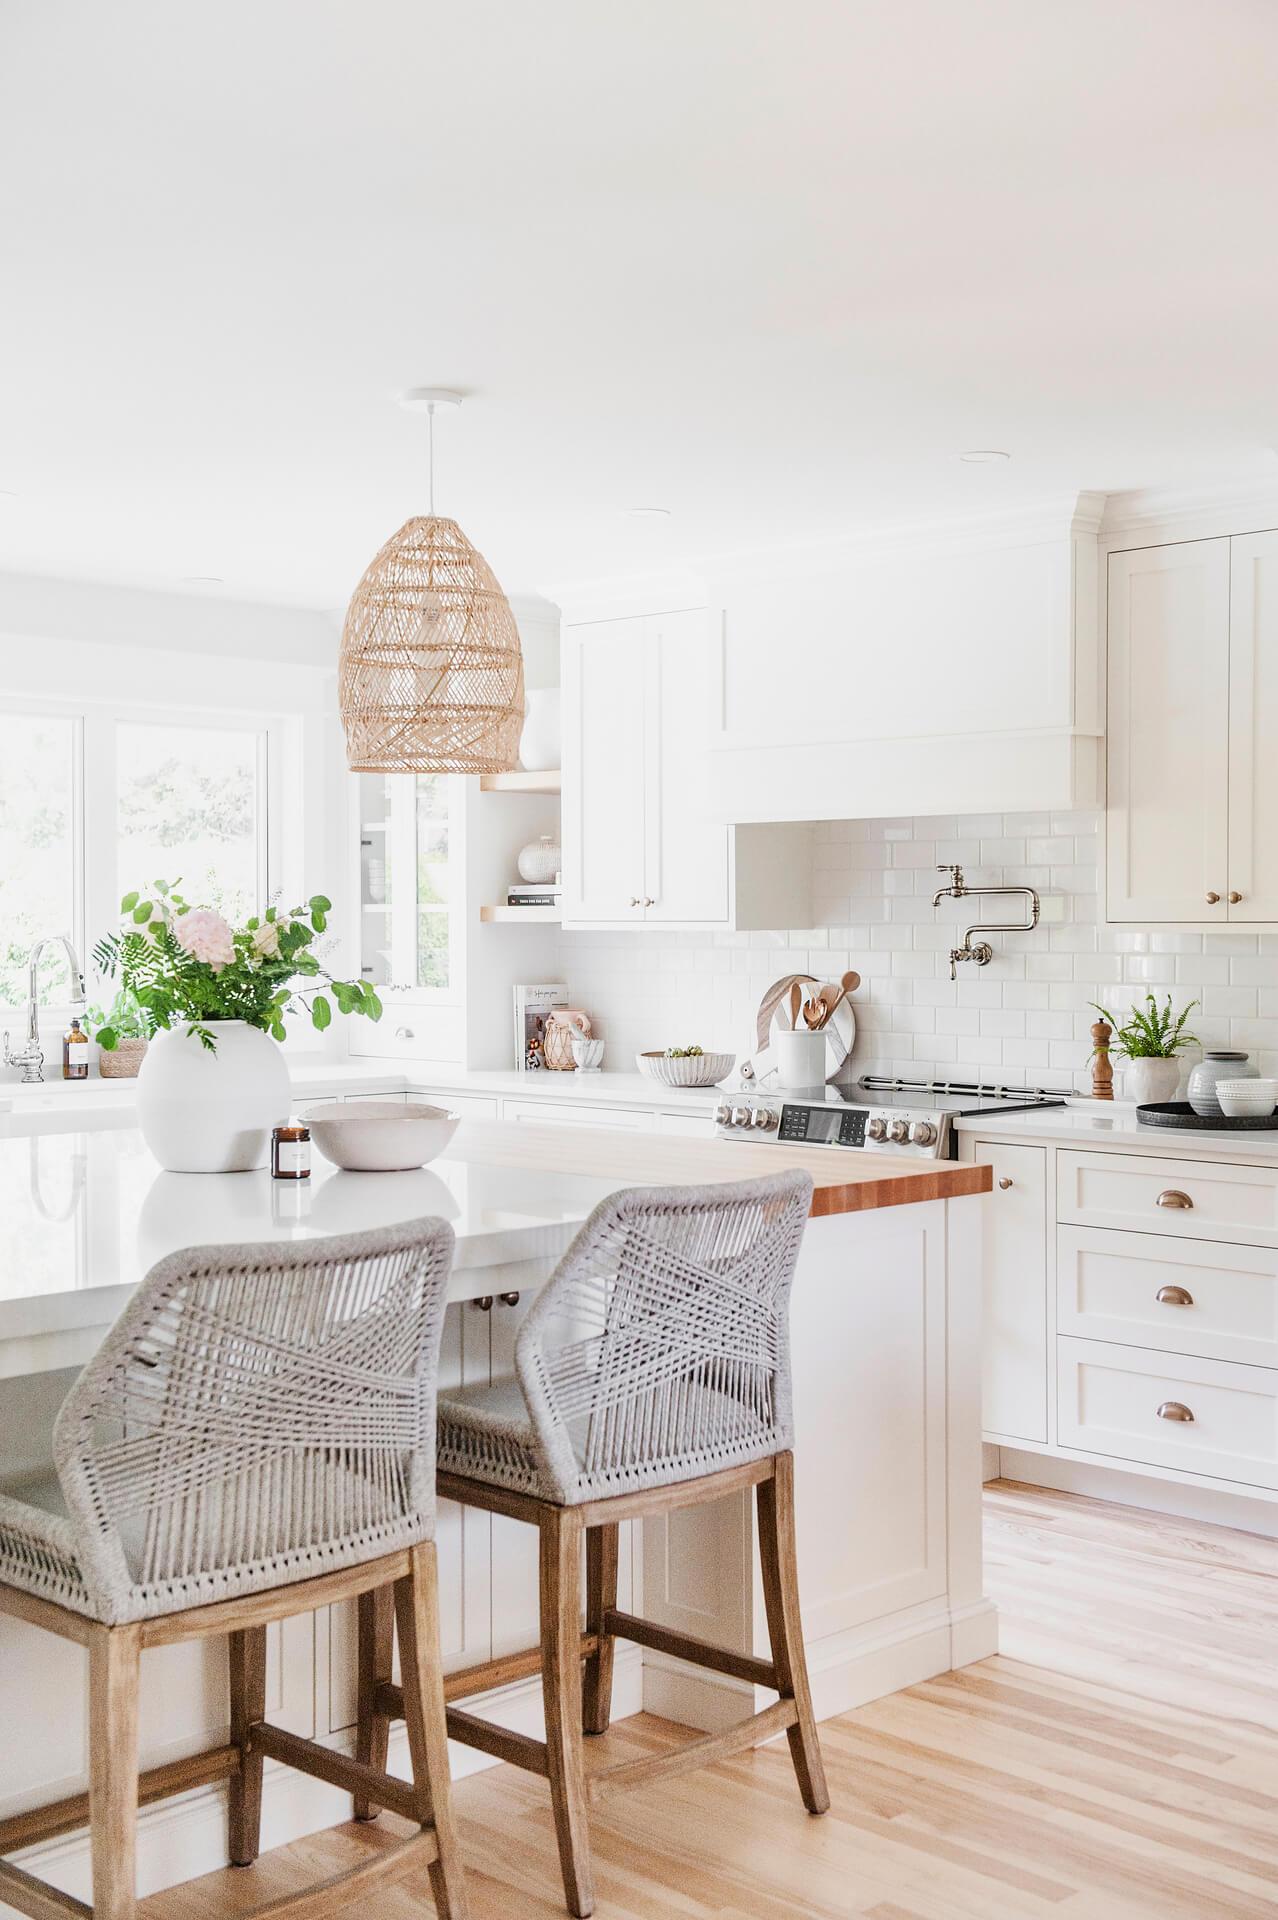 Frobisher AKB Design cuisine blanche farmhouse classique tablette bois luminaire osier ilot quarz 6